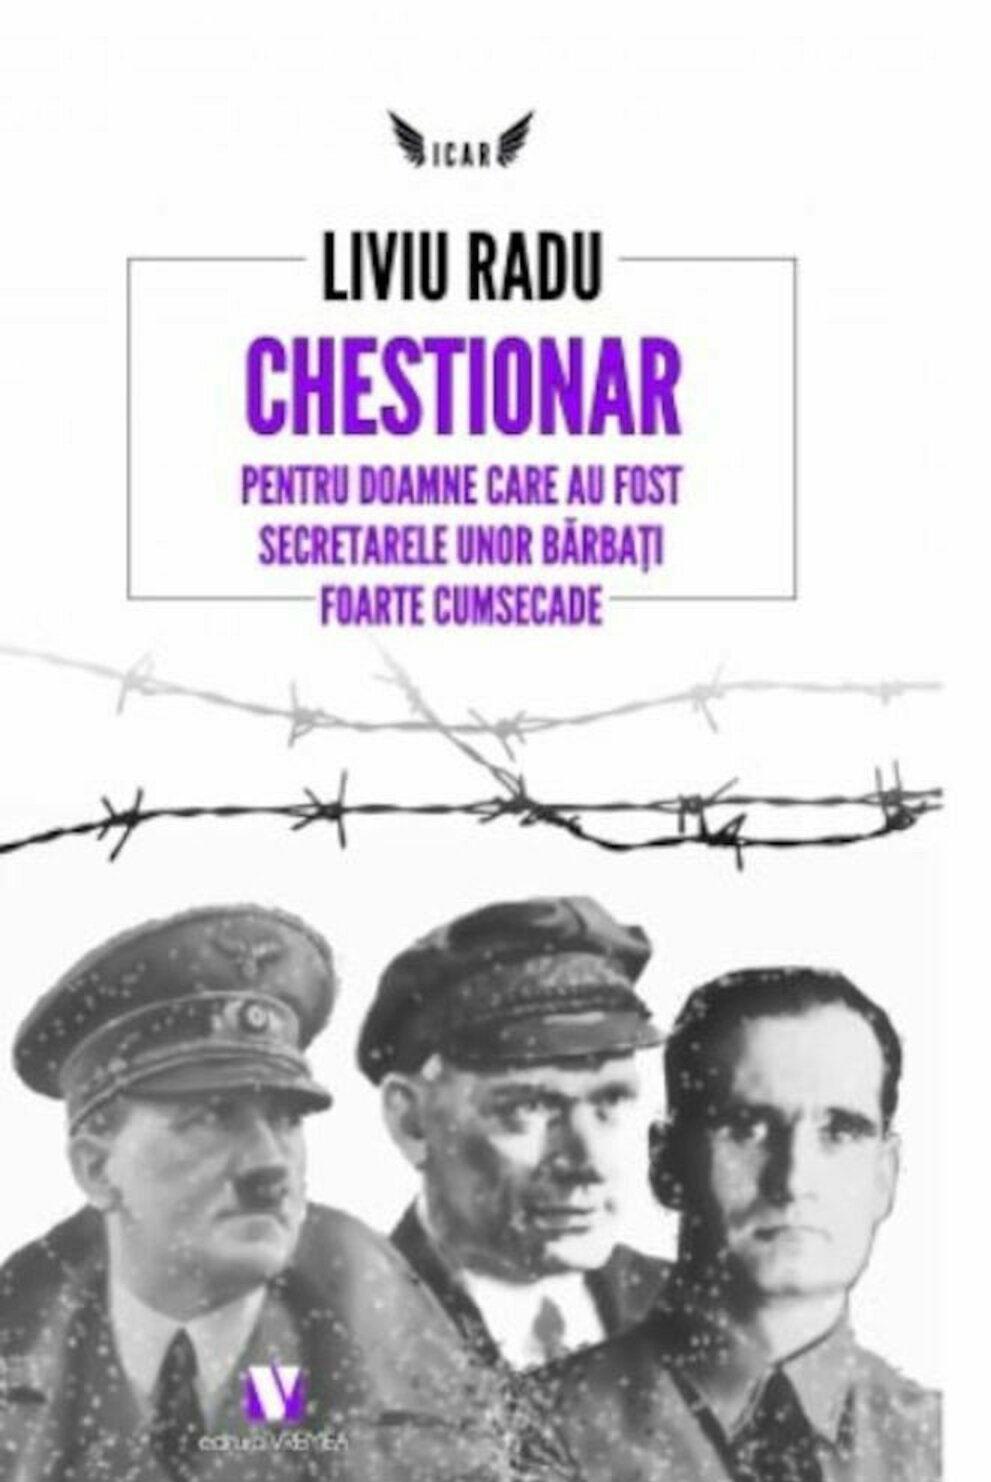 Liviu RADU - Chestionar pentru doamne care au fost secretarele unor barbati foarte cumsecade